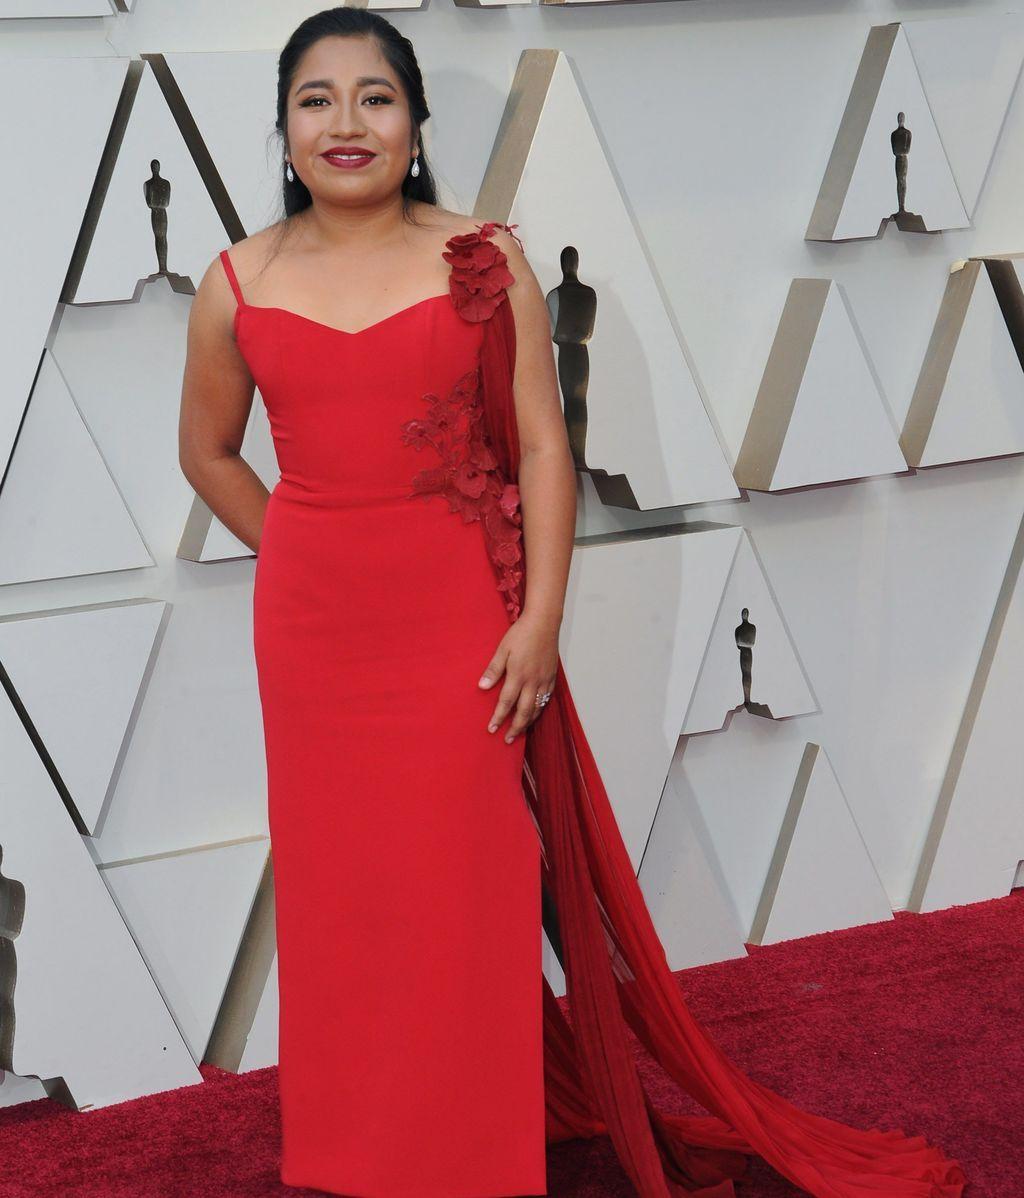 Nancy Garcia con un vestido rojo con aplicaciones de flores en la misma tonalidad